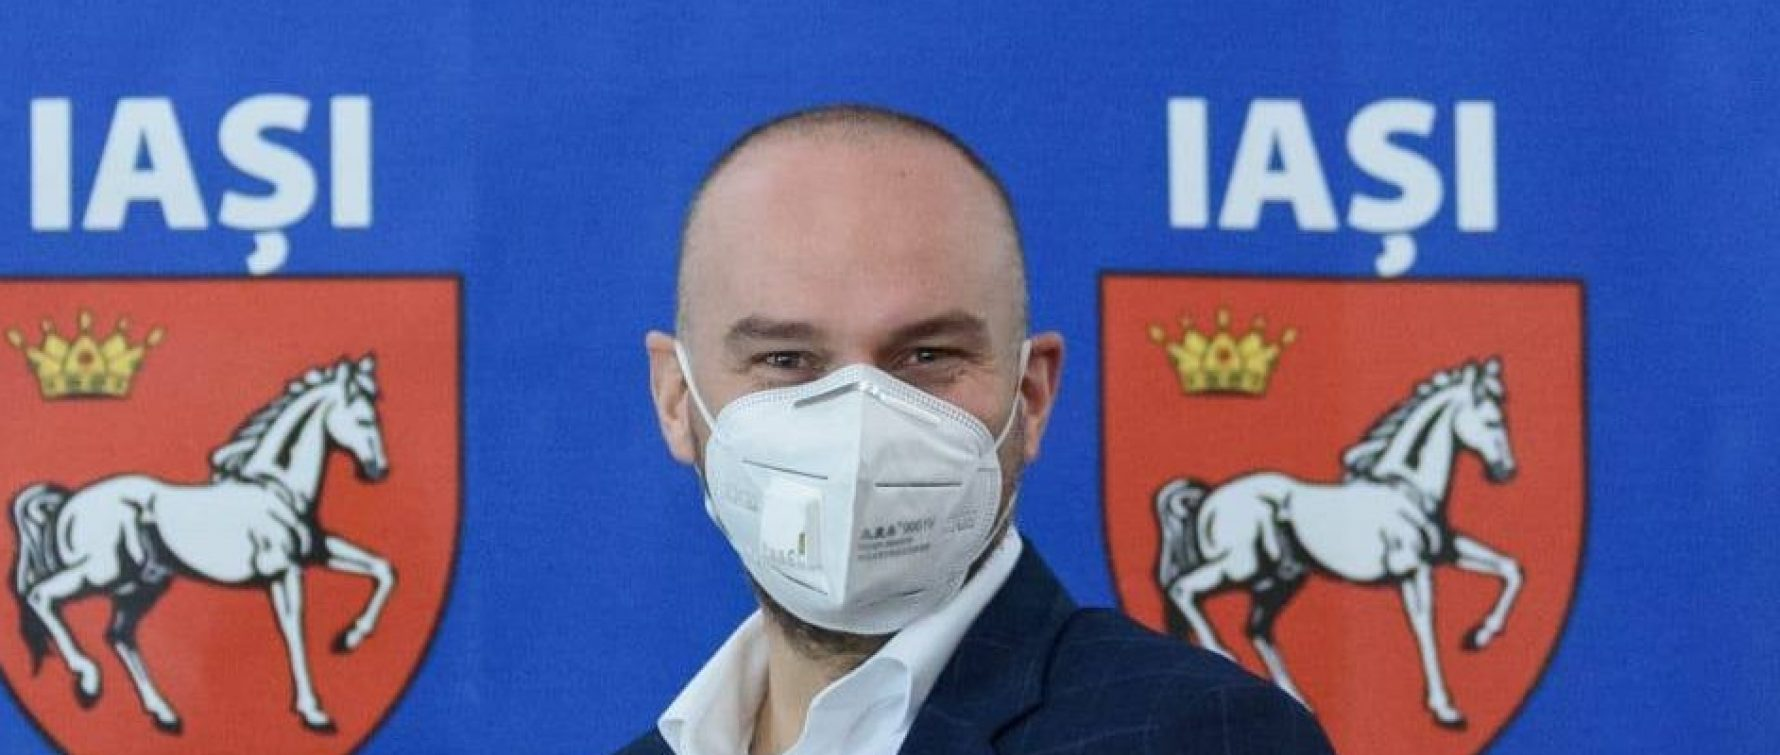 Iașul are un nou Secretar de Stat: Andrei Cazacu va ocupa această funcție în Ministerul Mediului, Apelor și Pădurilor